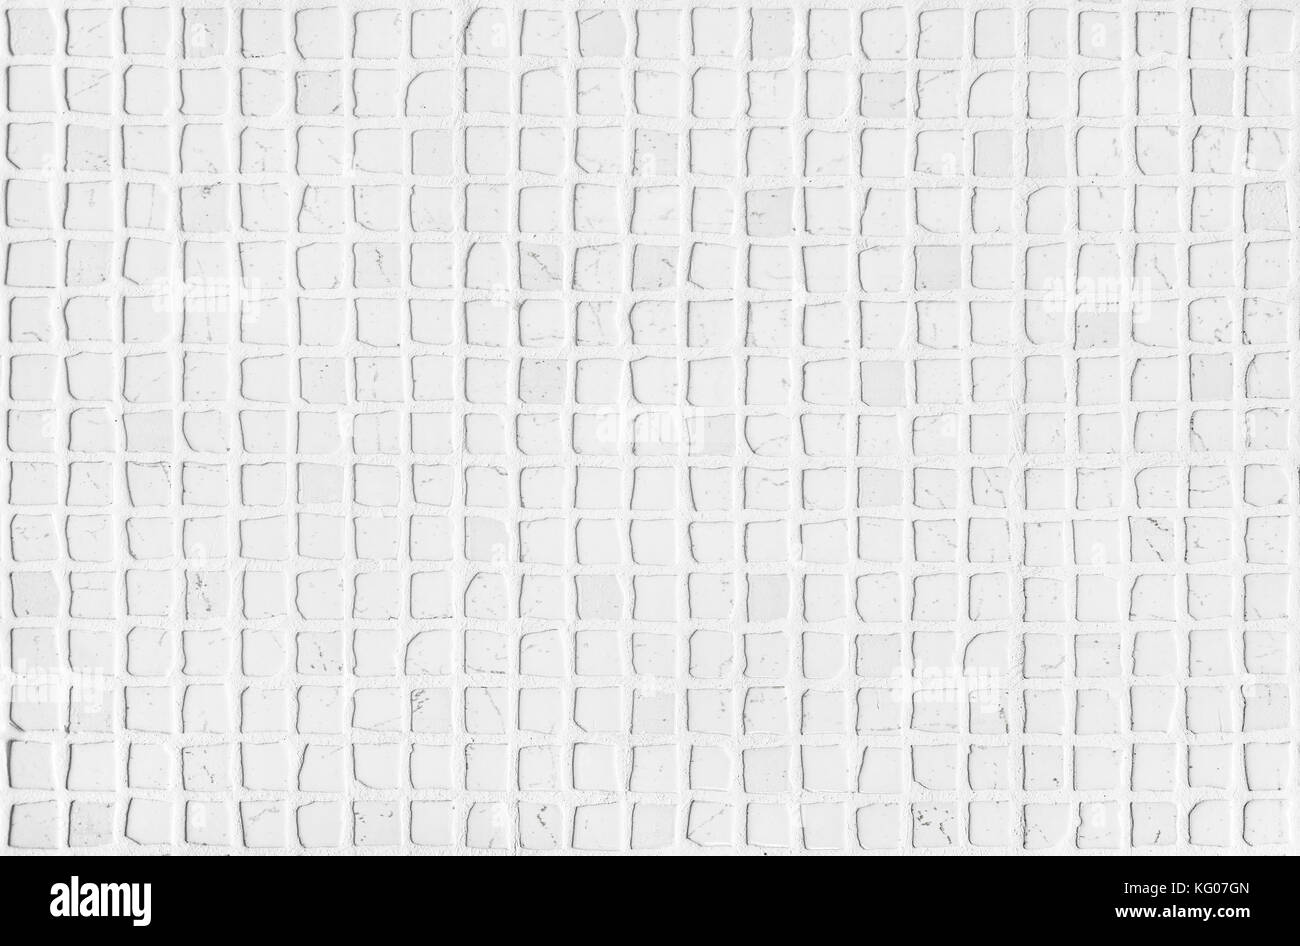 Il marmo bianco di carrara di piastrelle a mosaico di luce